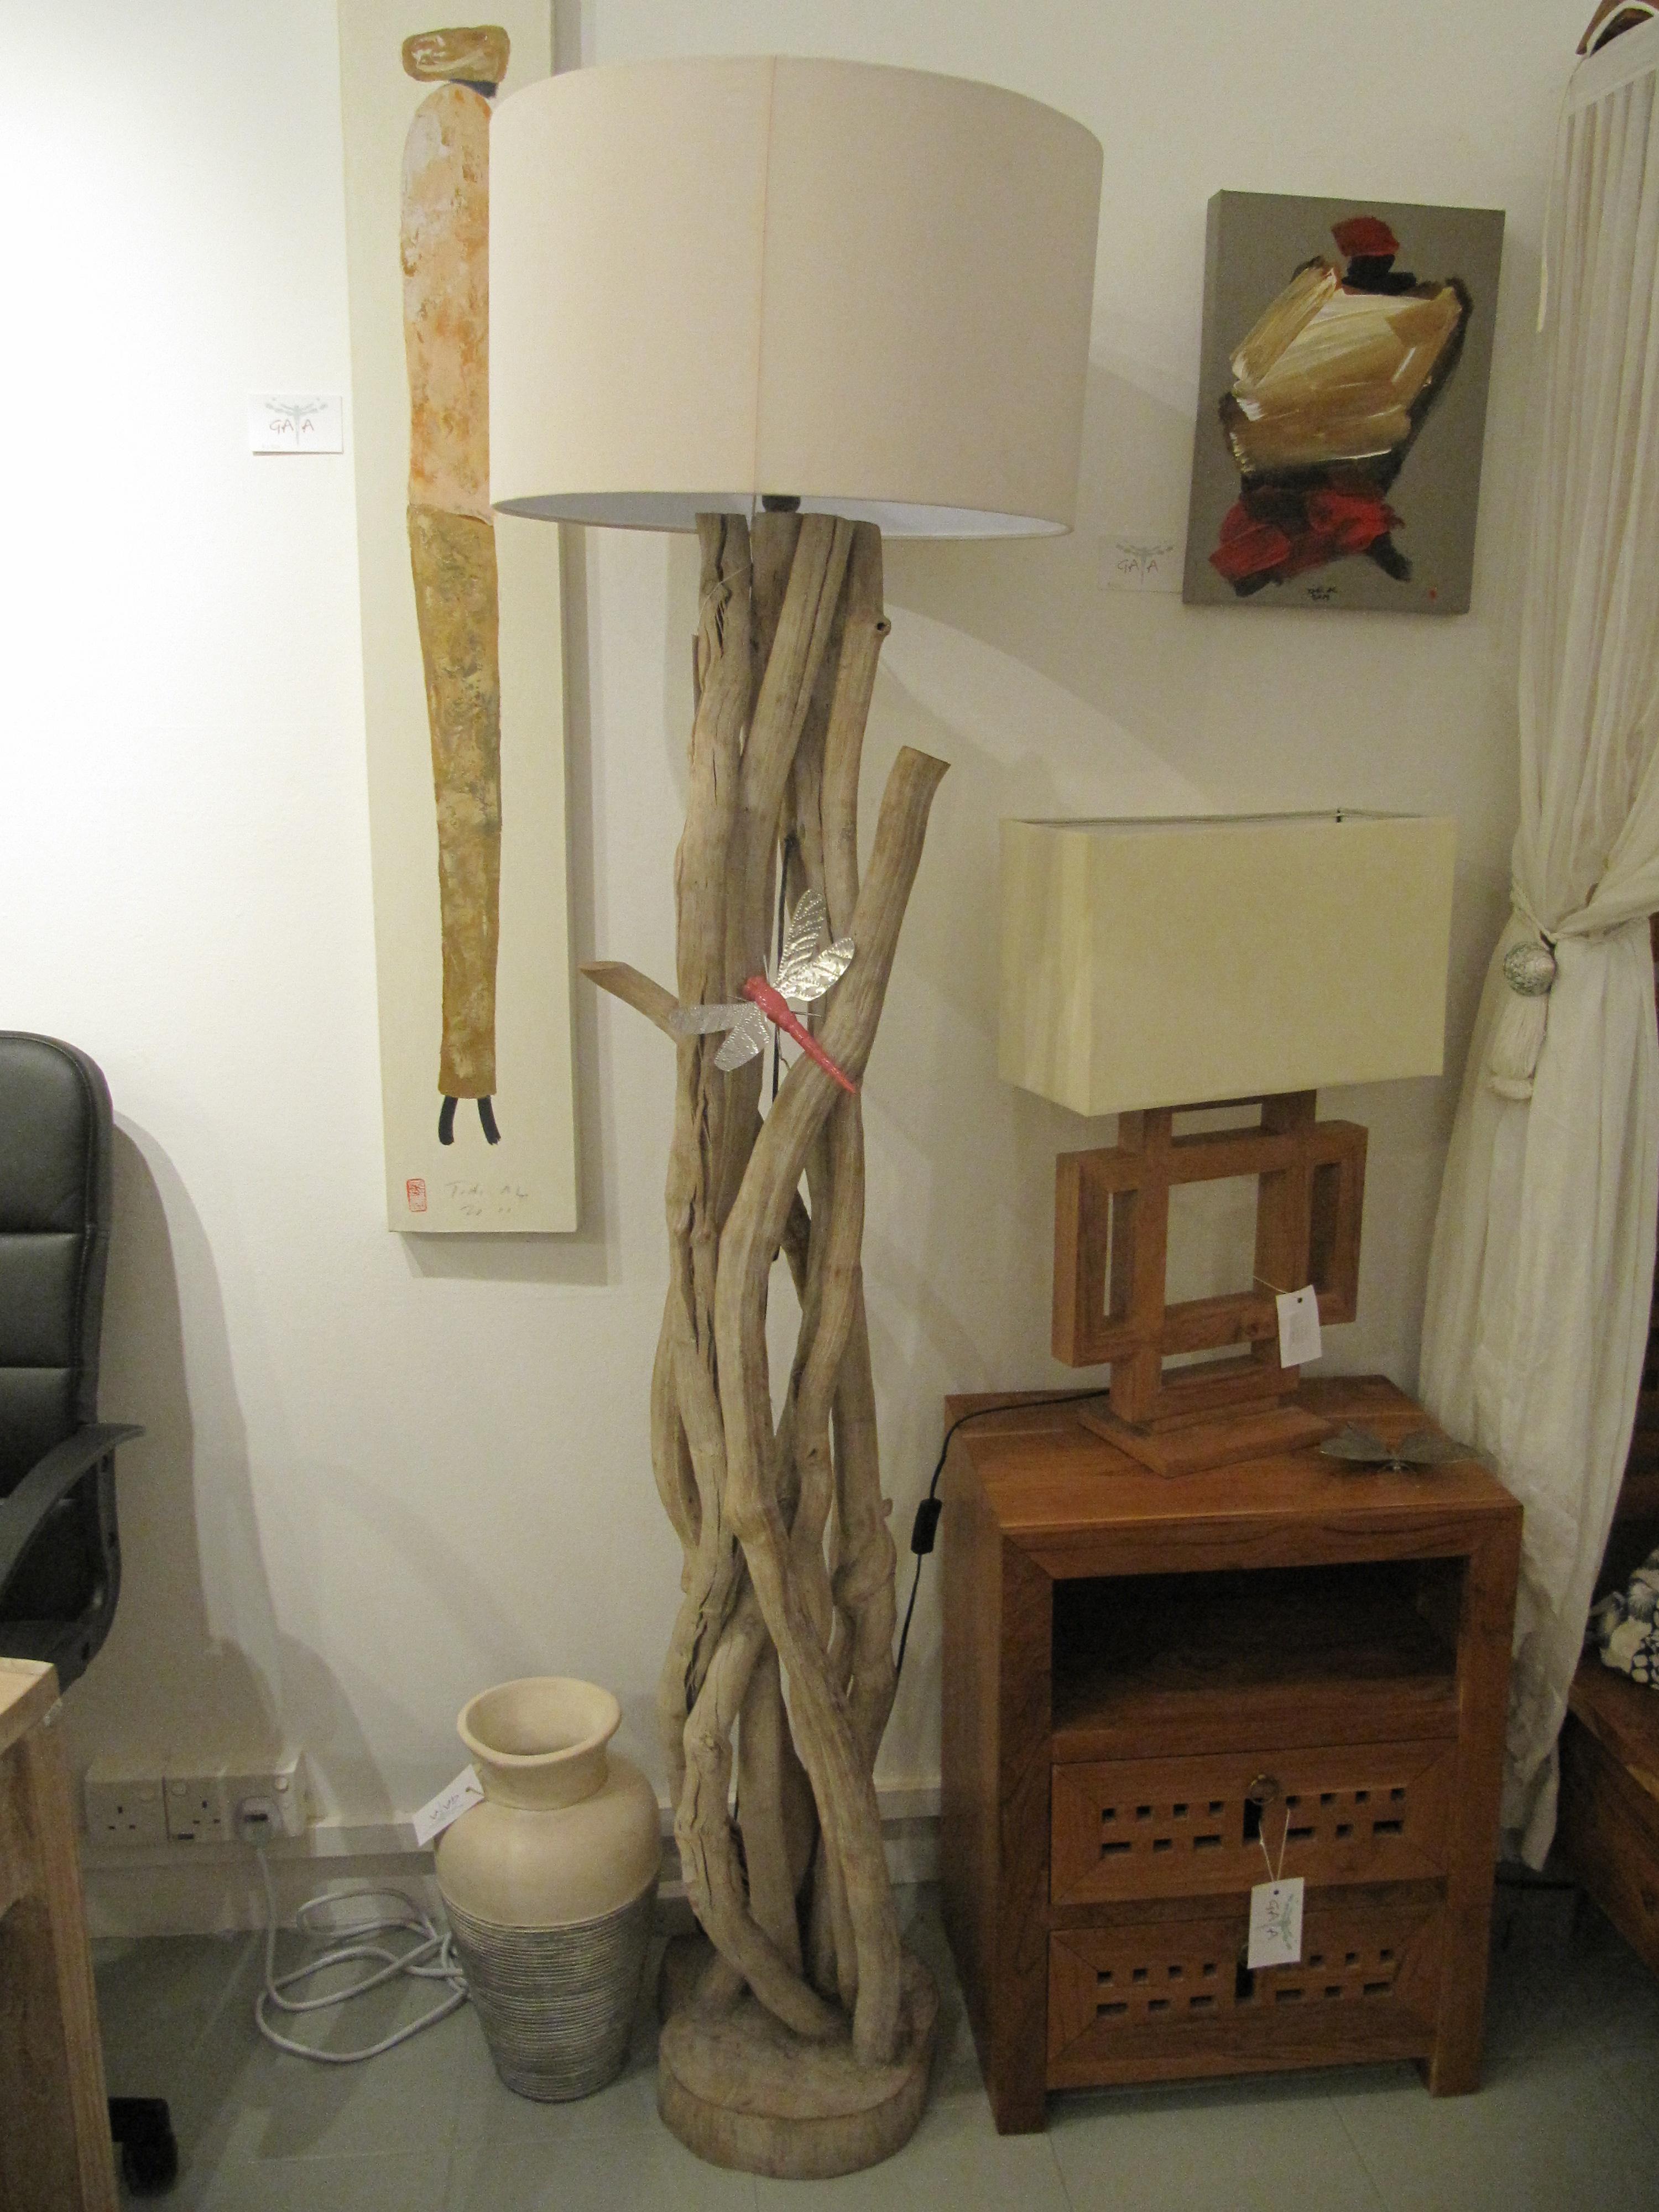 w-stacked-træ-gulv-lampe-vest-elm-træ-gulv-lampe-ikea-træ-gulv-lampe-ireland-træ-gulv-lamper-Indien-træ-stativ-gulv-lampe-ireland-træ- gulv-lampe base- ikea-industrielle-træ-gulv-la